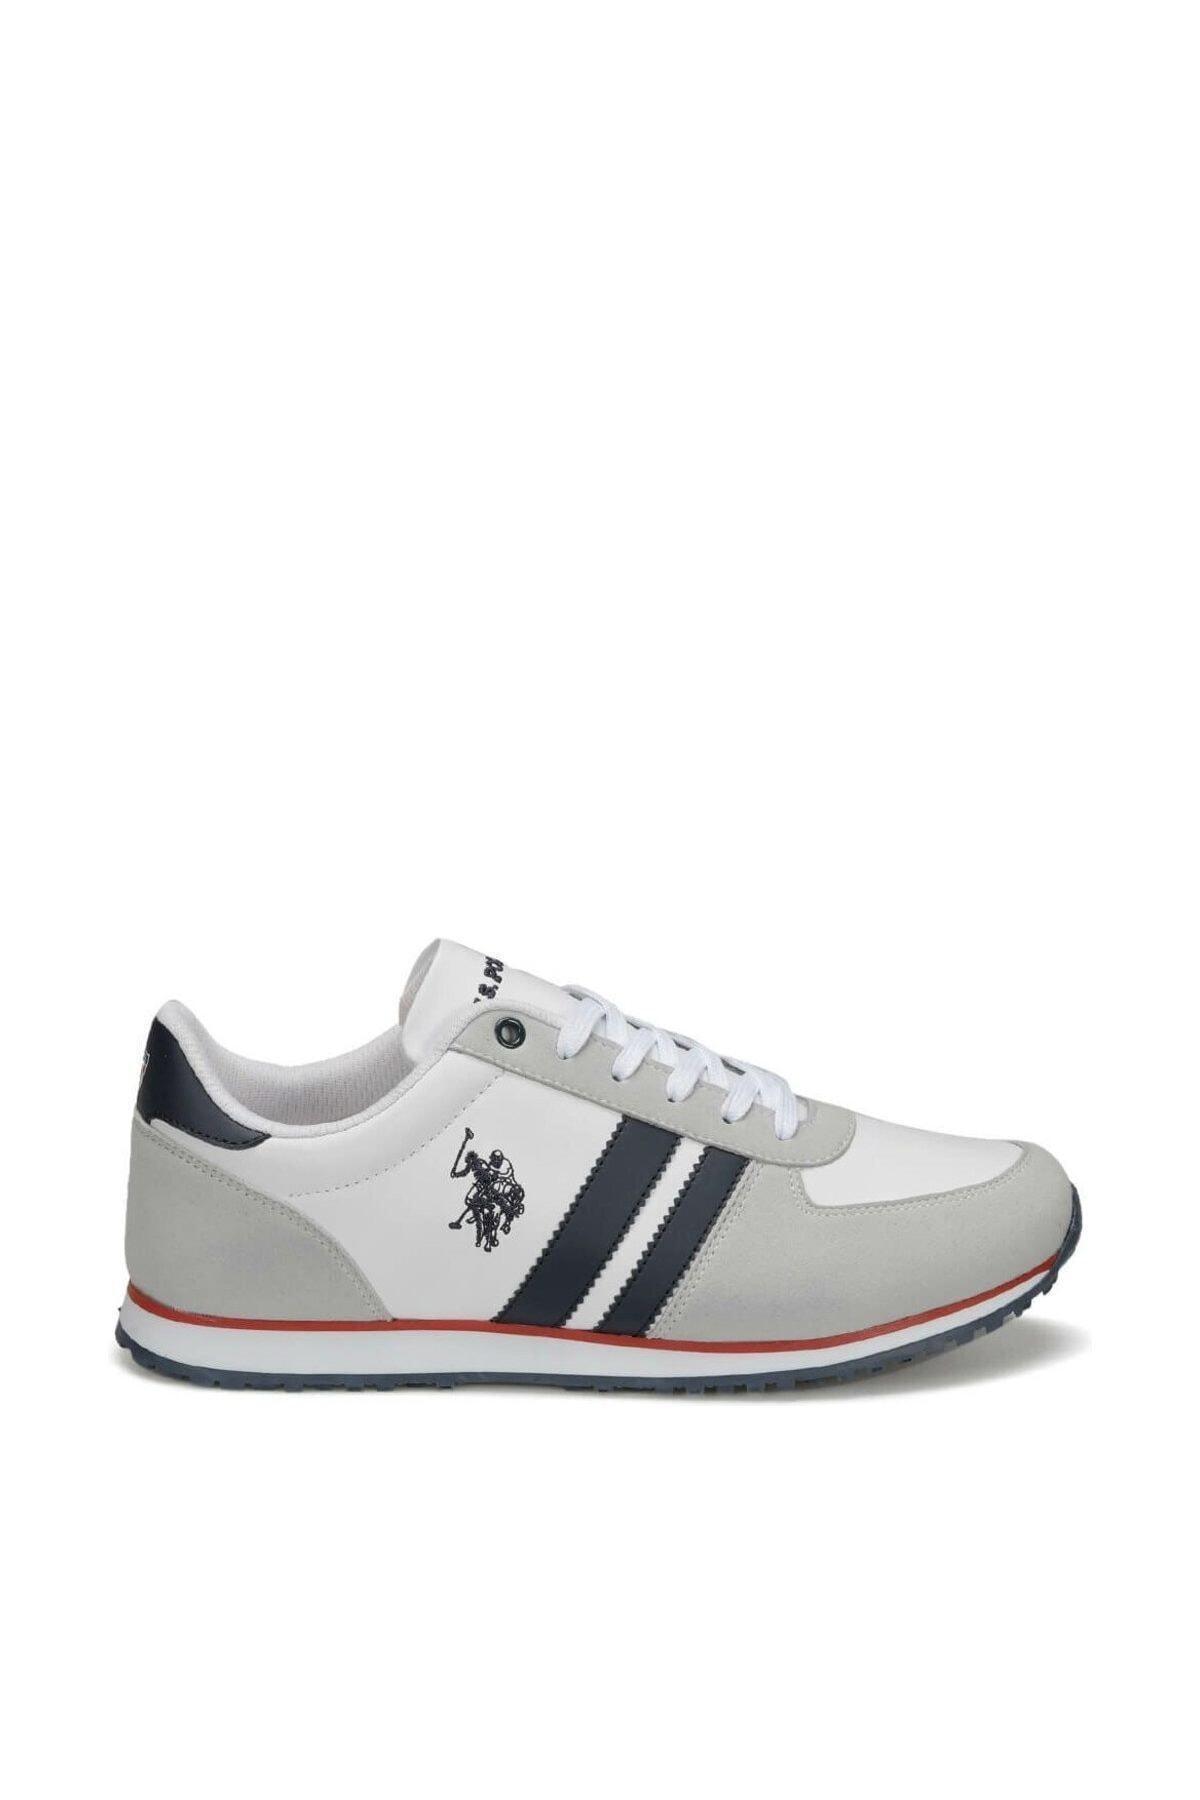 U.S. Polo Assn. PLUS WT 9PR Beyaz Erkek Sneaker Ayakkabı 100418097 1